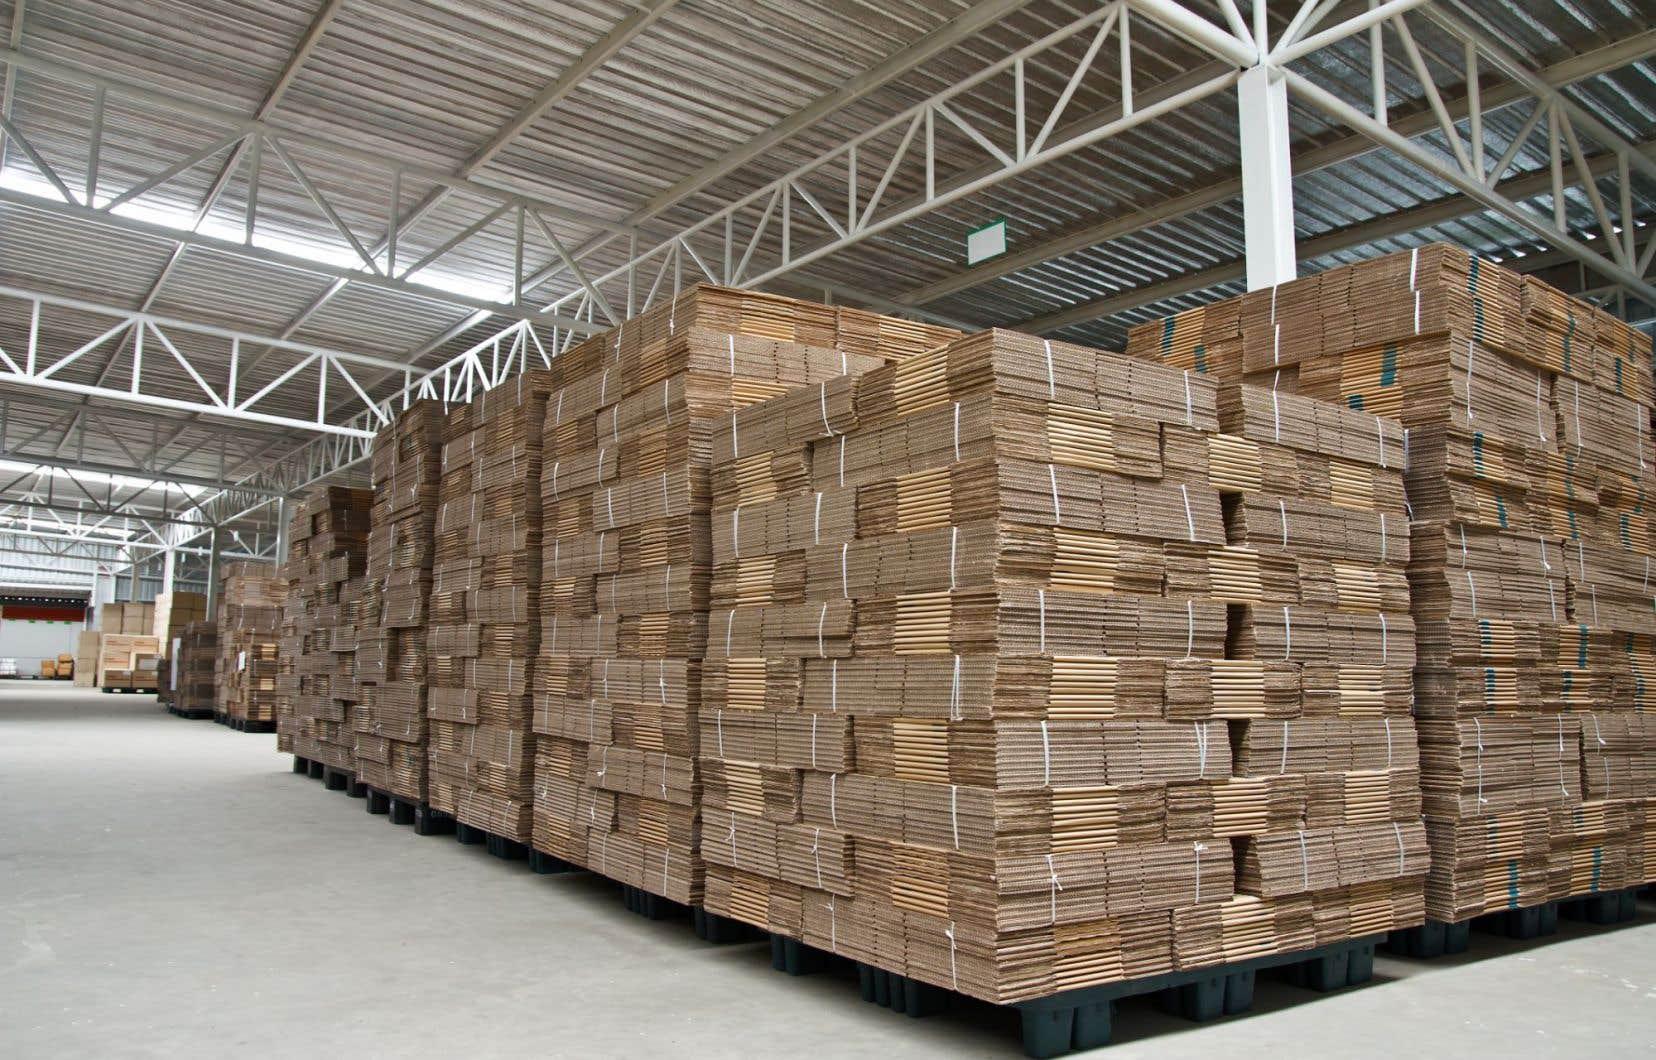 Le recul du bénéfice d'exploitation ajusté de Cascade s'explique entre autres par des baisses de prix dans les activités de carton plat en Europe ainsi que de carton caisse.